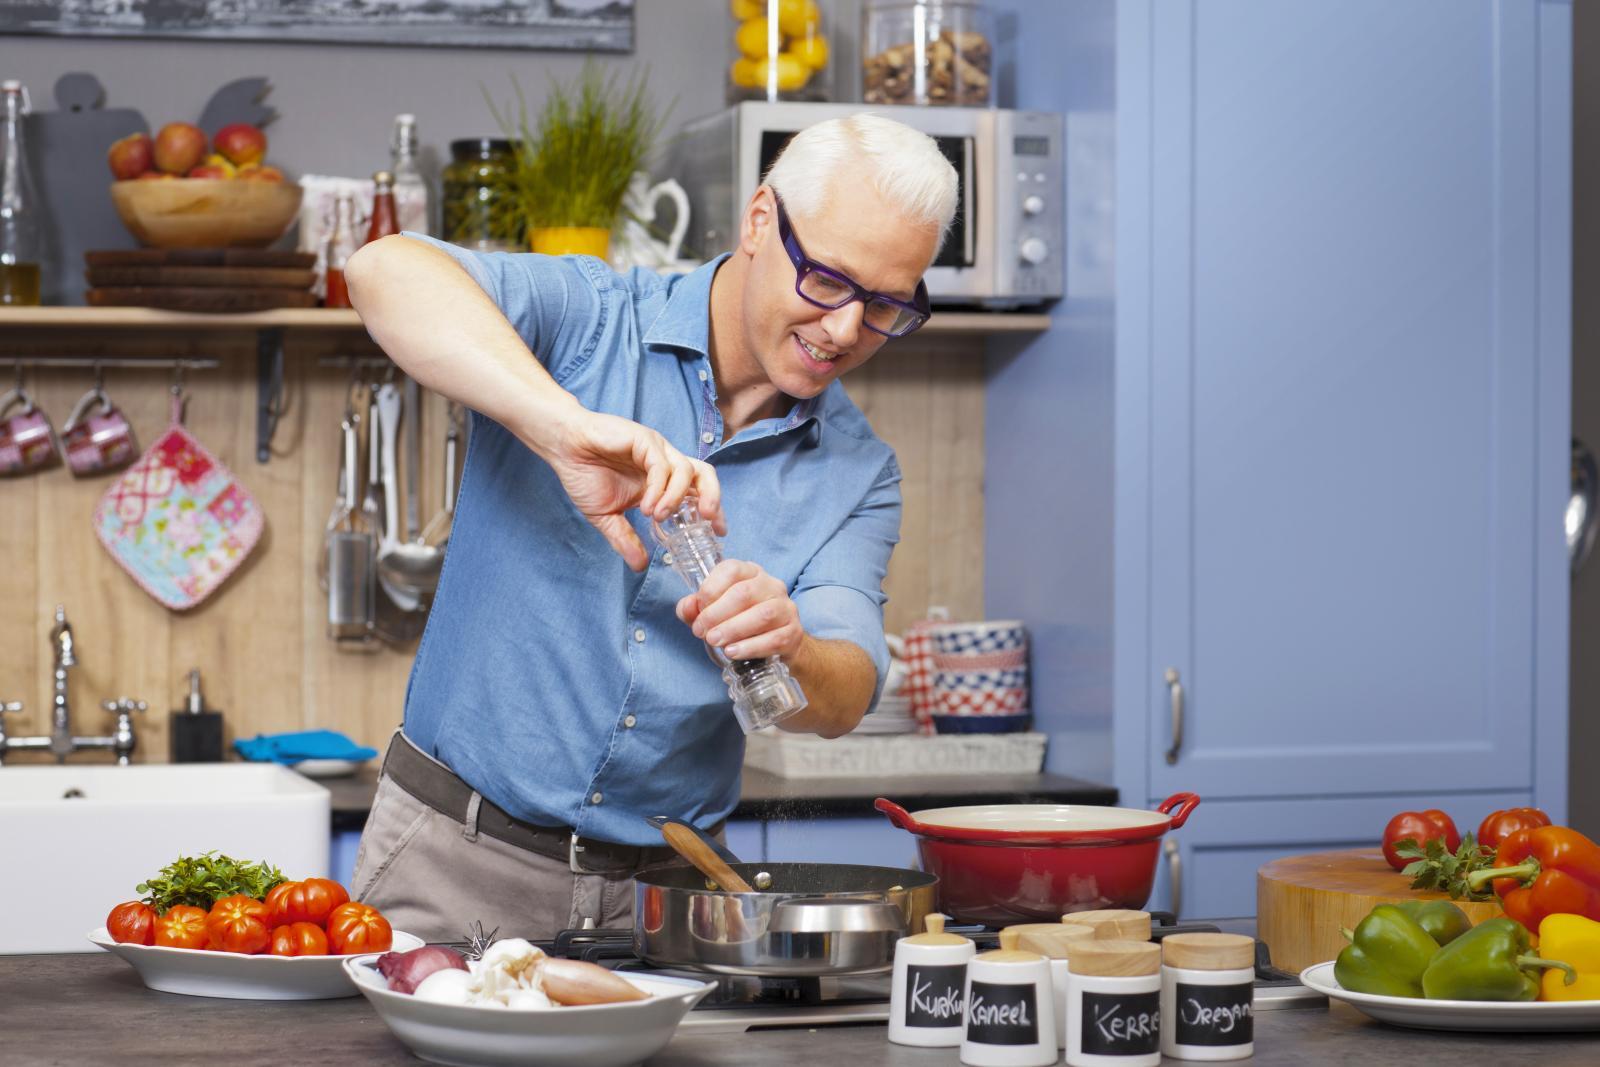 Uz Rudolpha napravite ukusno jelo u manje od pola sata.